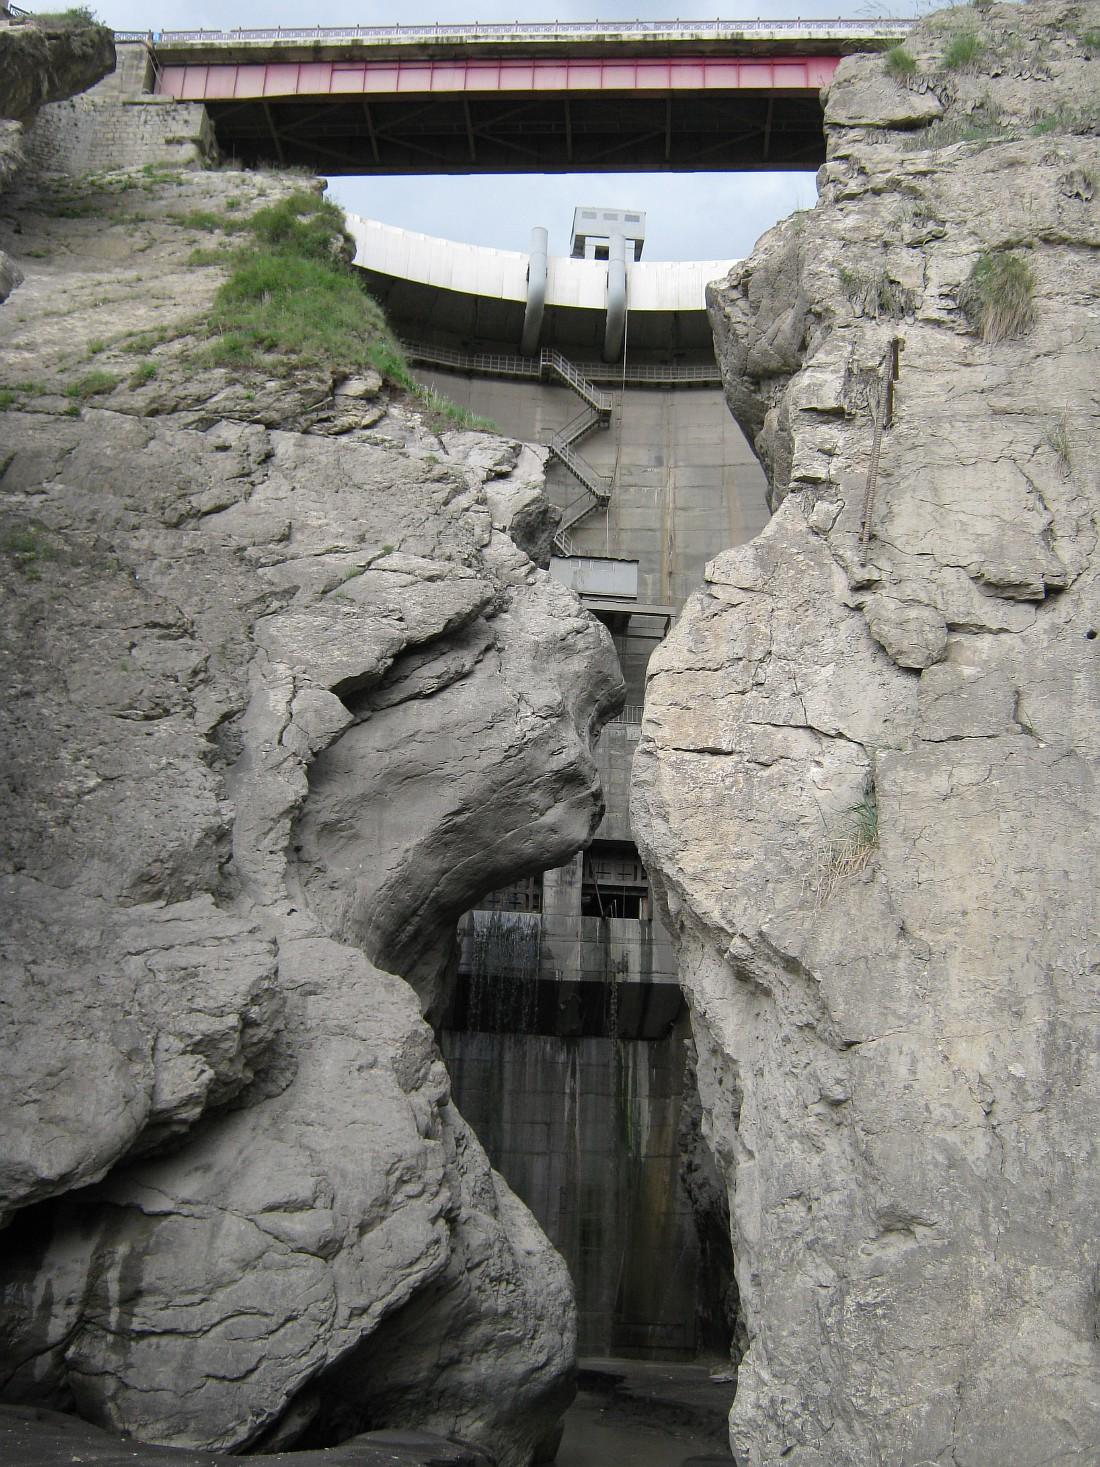 Дагестан, Аксанов Нияз, блог-тур, kukmor, фотография, Россия, ГЭС, гидроэнергетика, Гунибская ГЭС, Русгидро, 2012г,  of IMG_8277